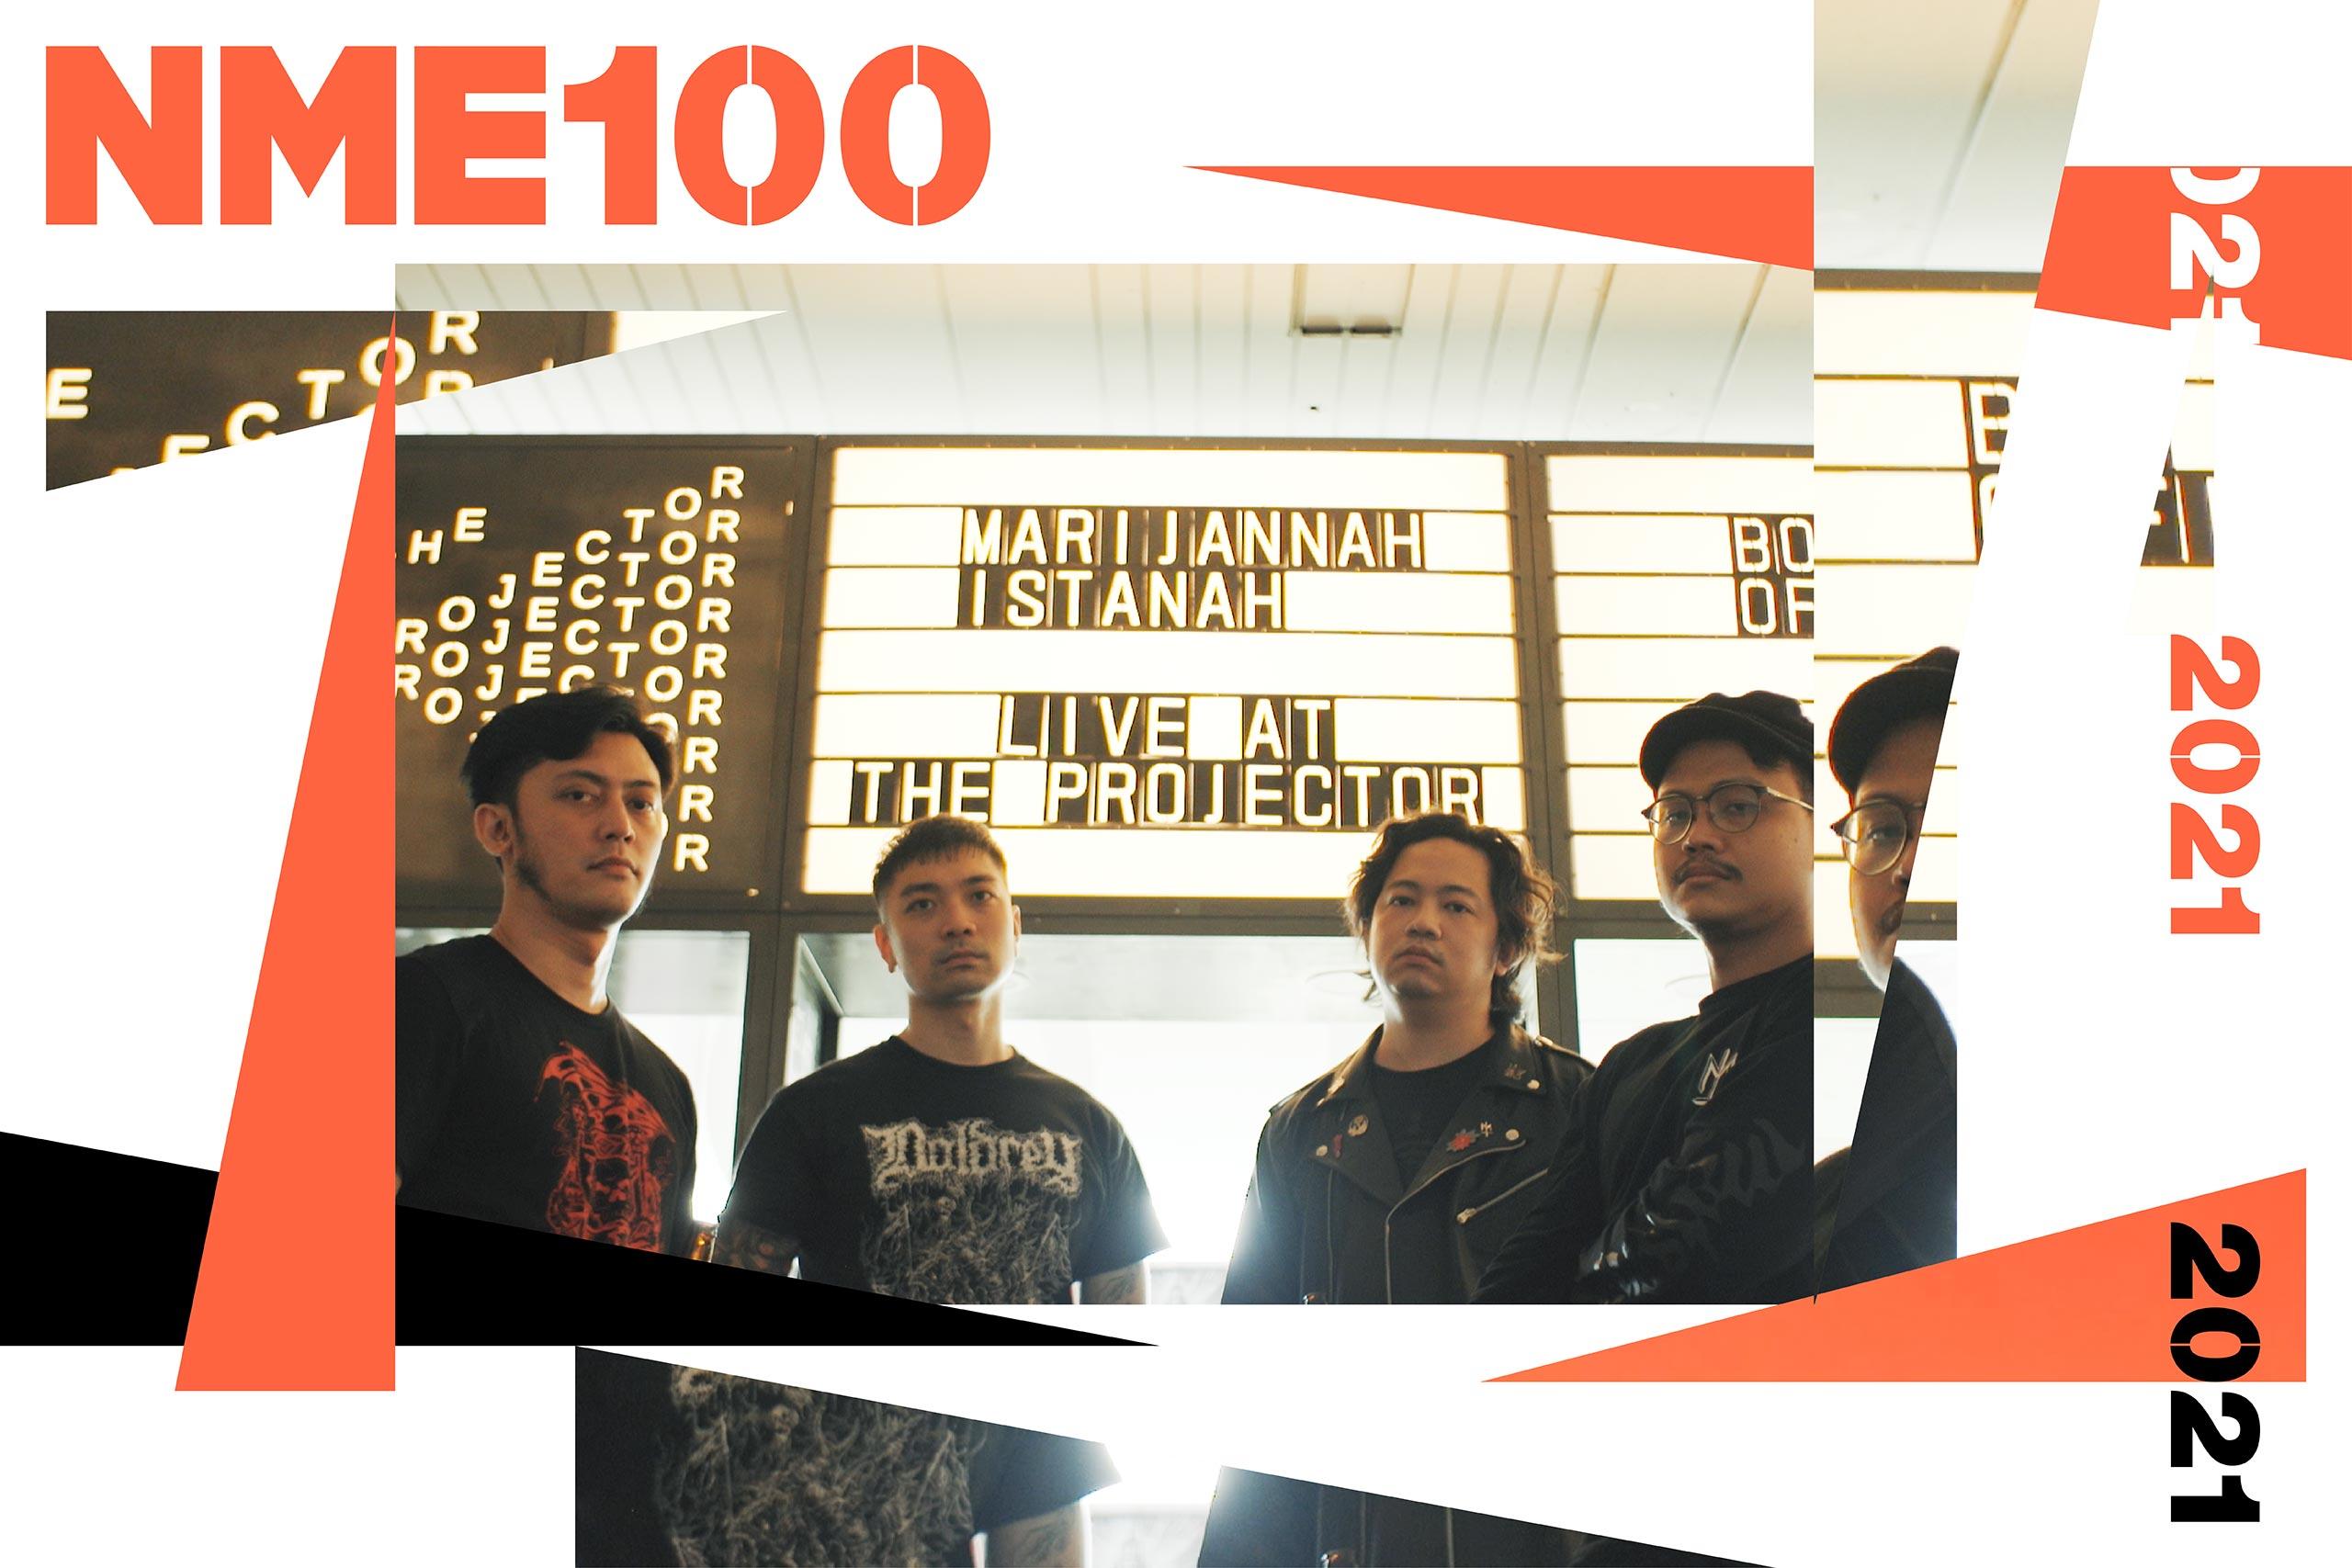 NME 100 marijannah